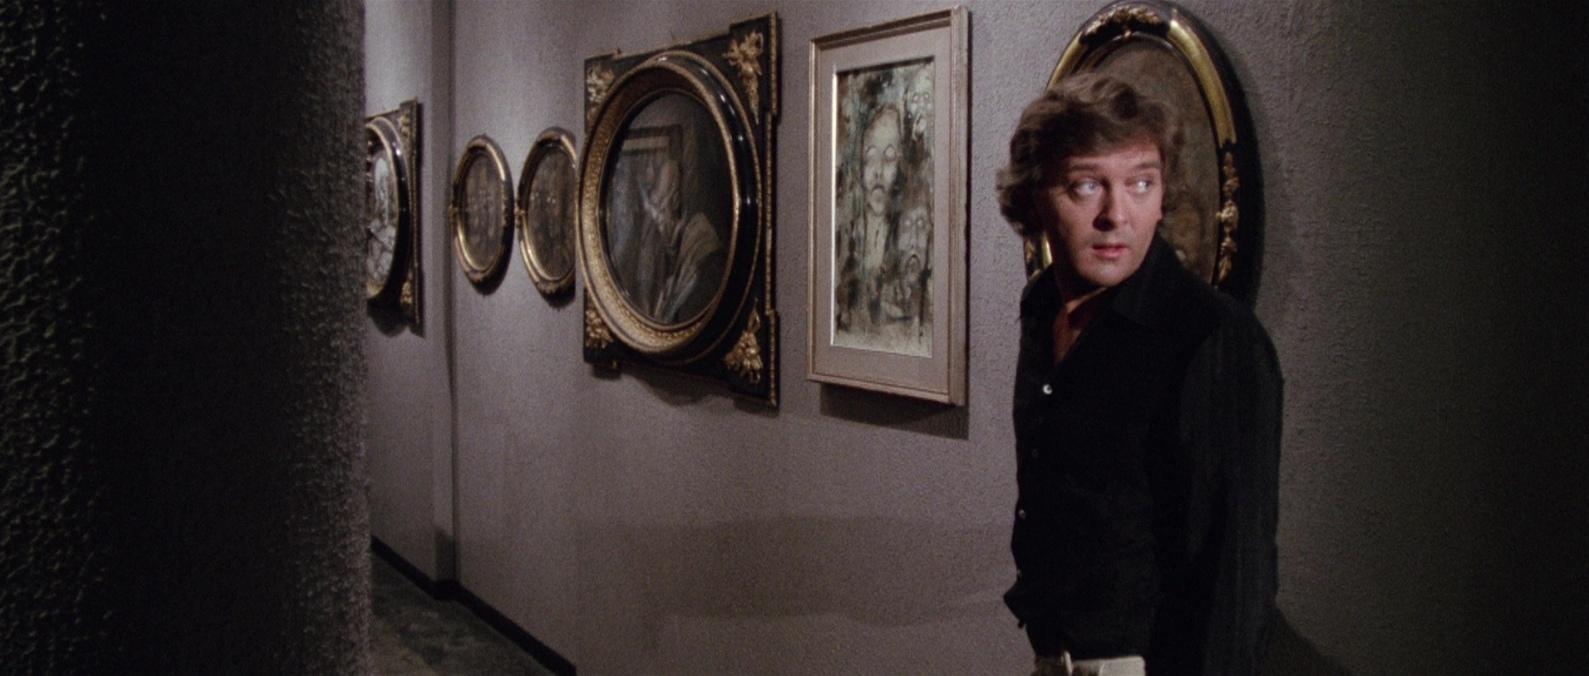 Сюрреализм как ключ к разгадке в «Кроваво-красном» (1975)